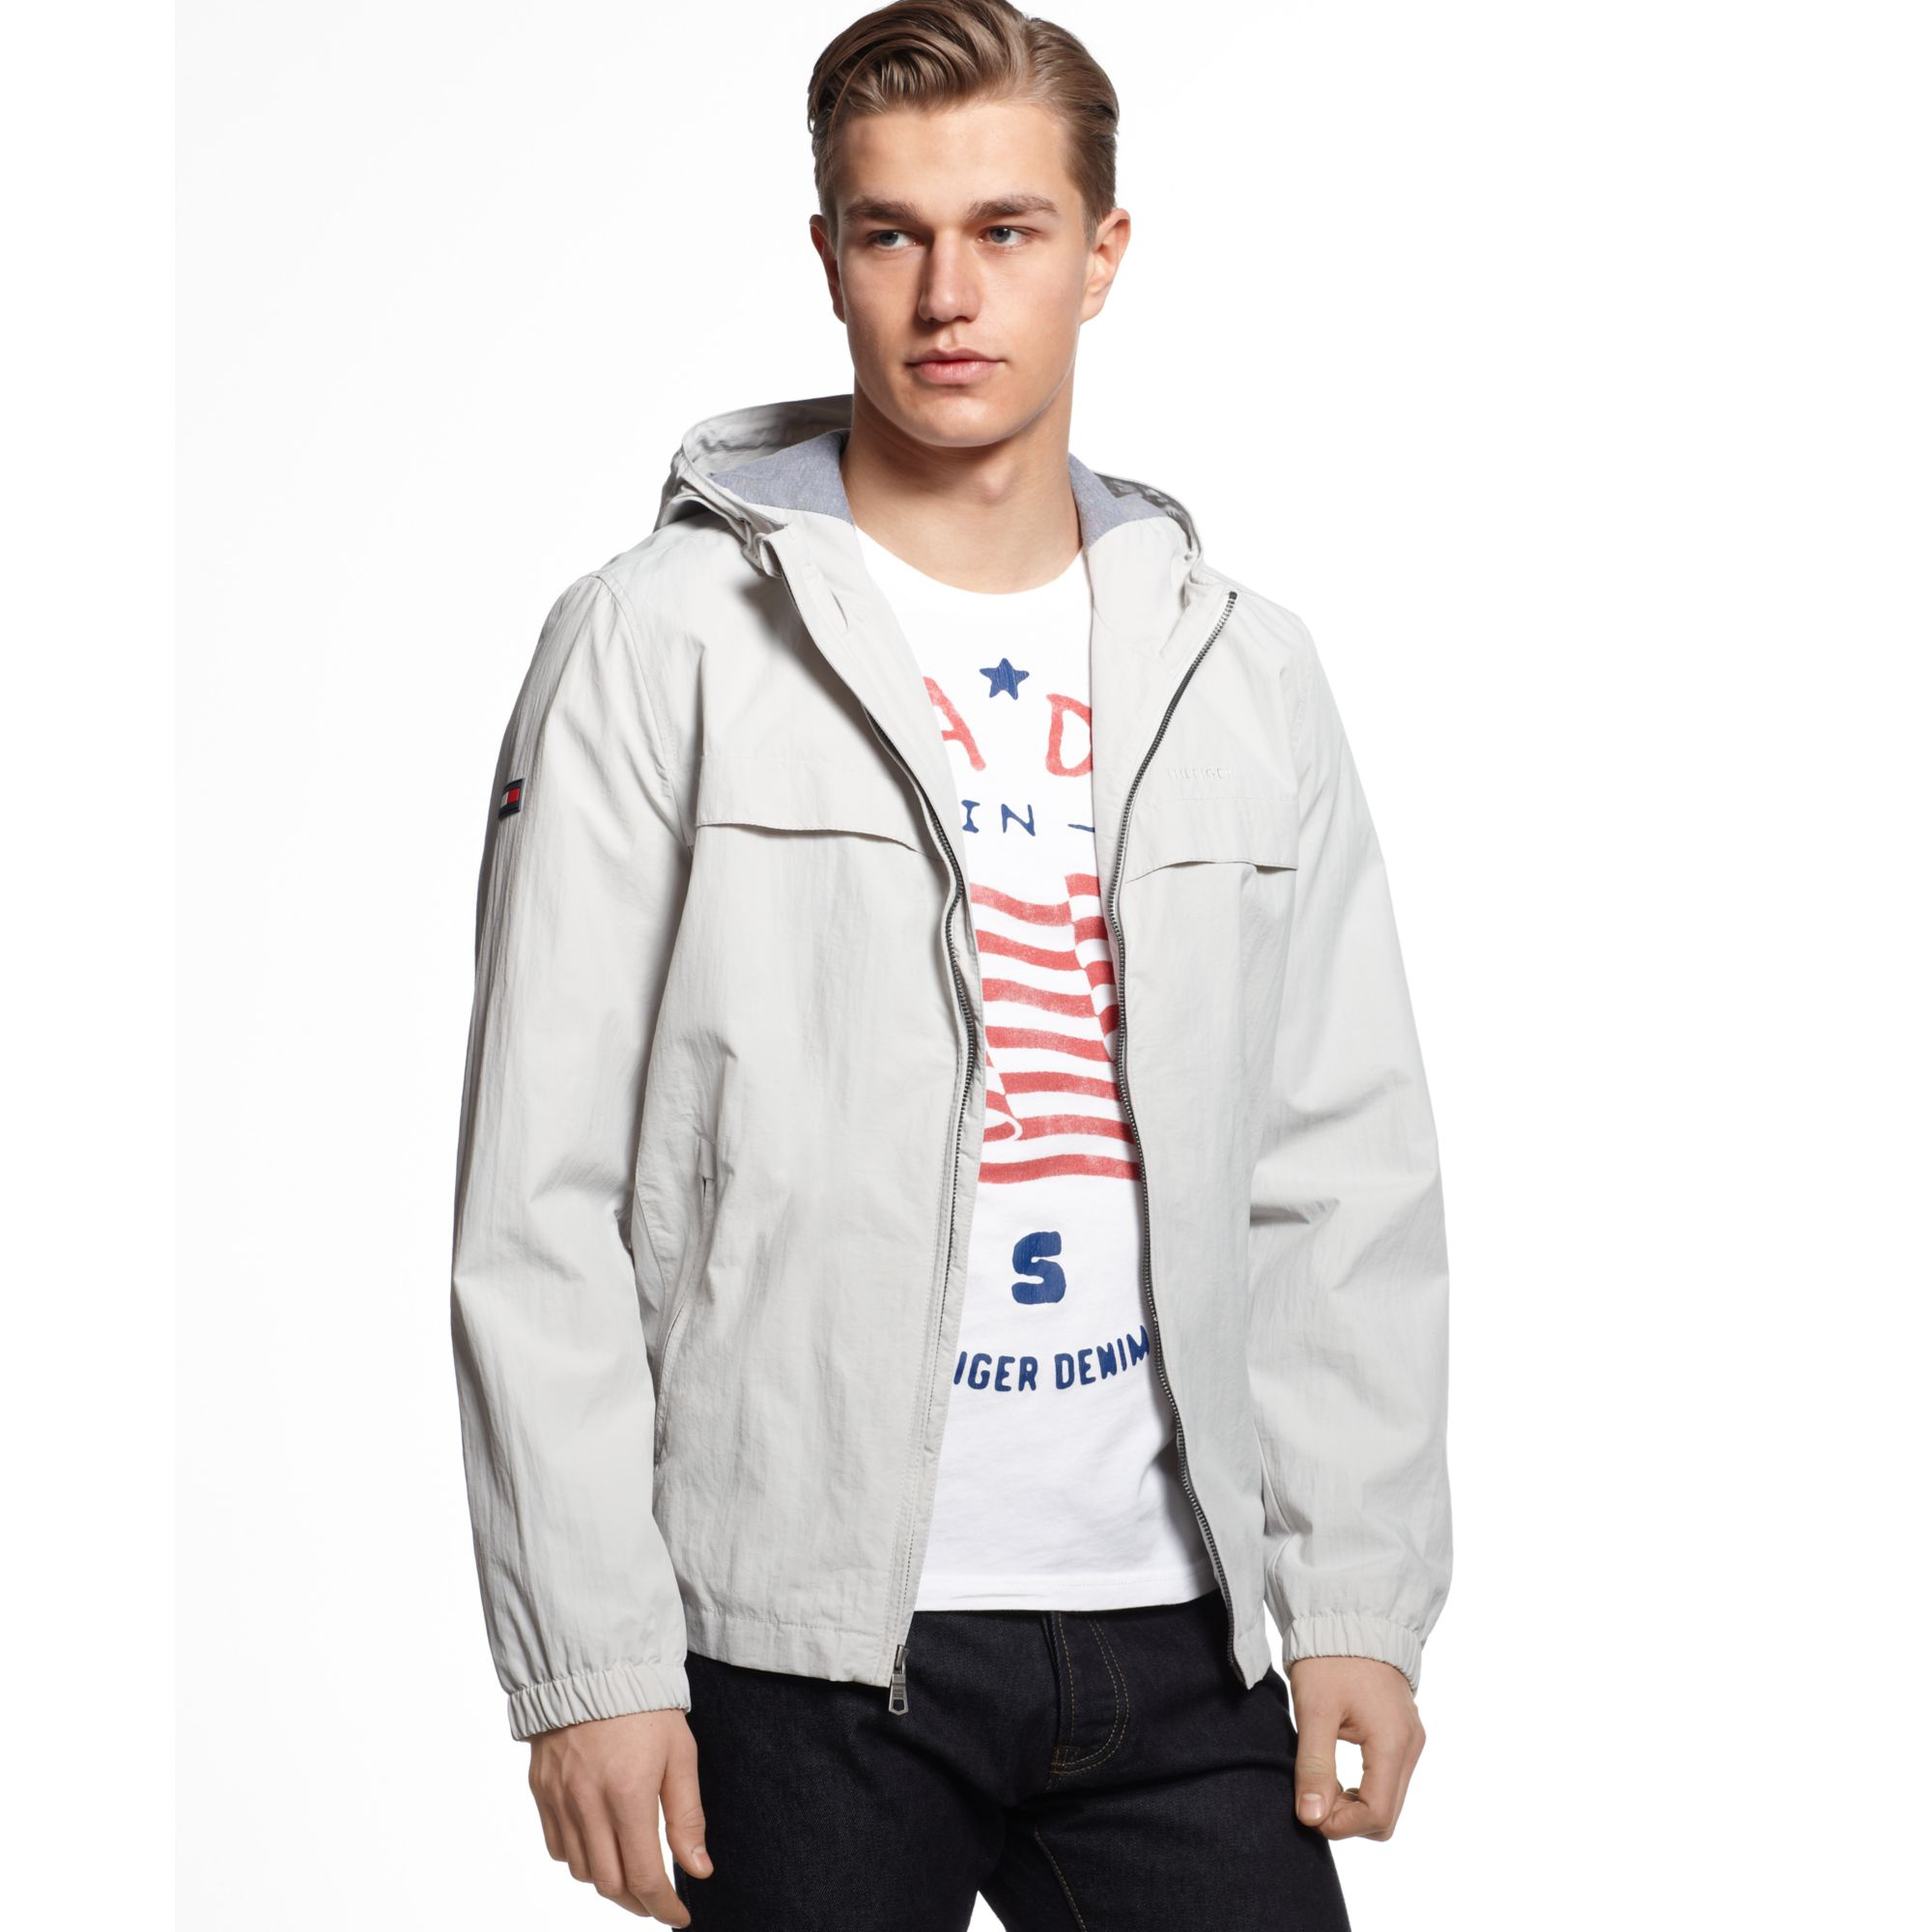 tommy hilfiger hooded performance jacket in white for men. Black Bedroom Furniture Sets. Home Design Ideas